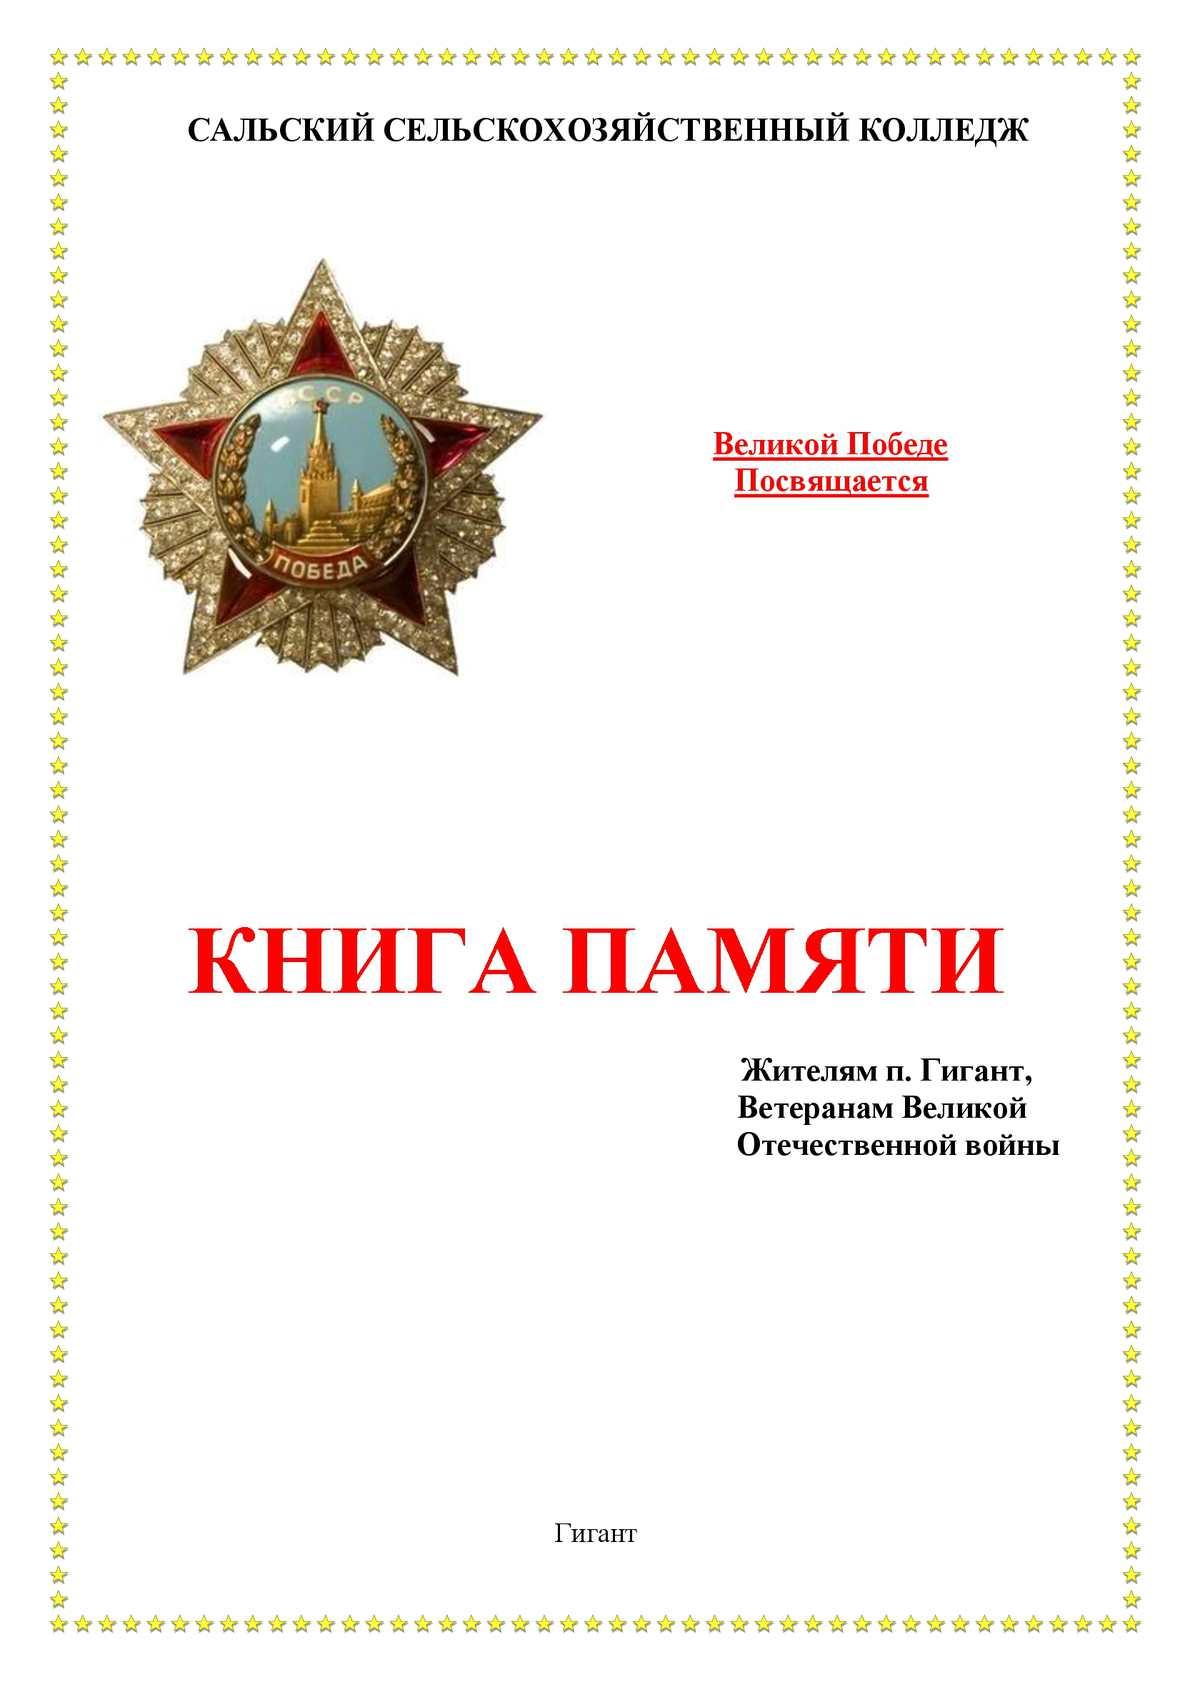 симонов сергей григорьевич ивантеевский элеватор